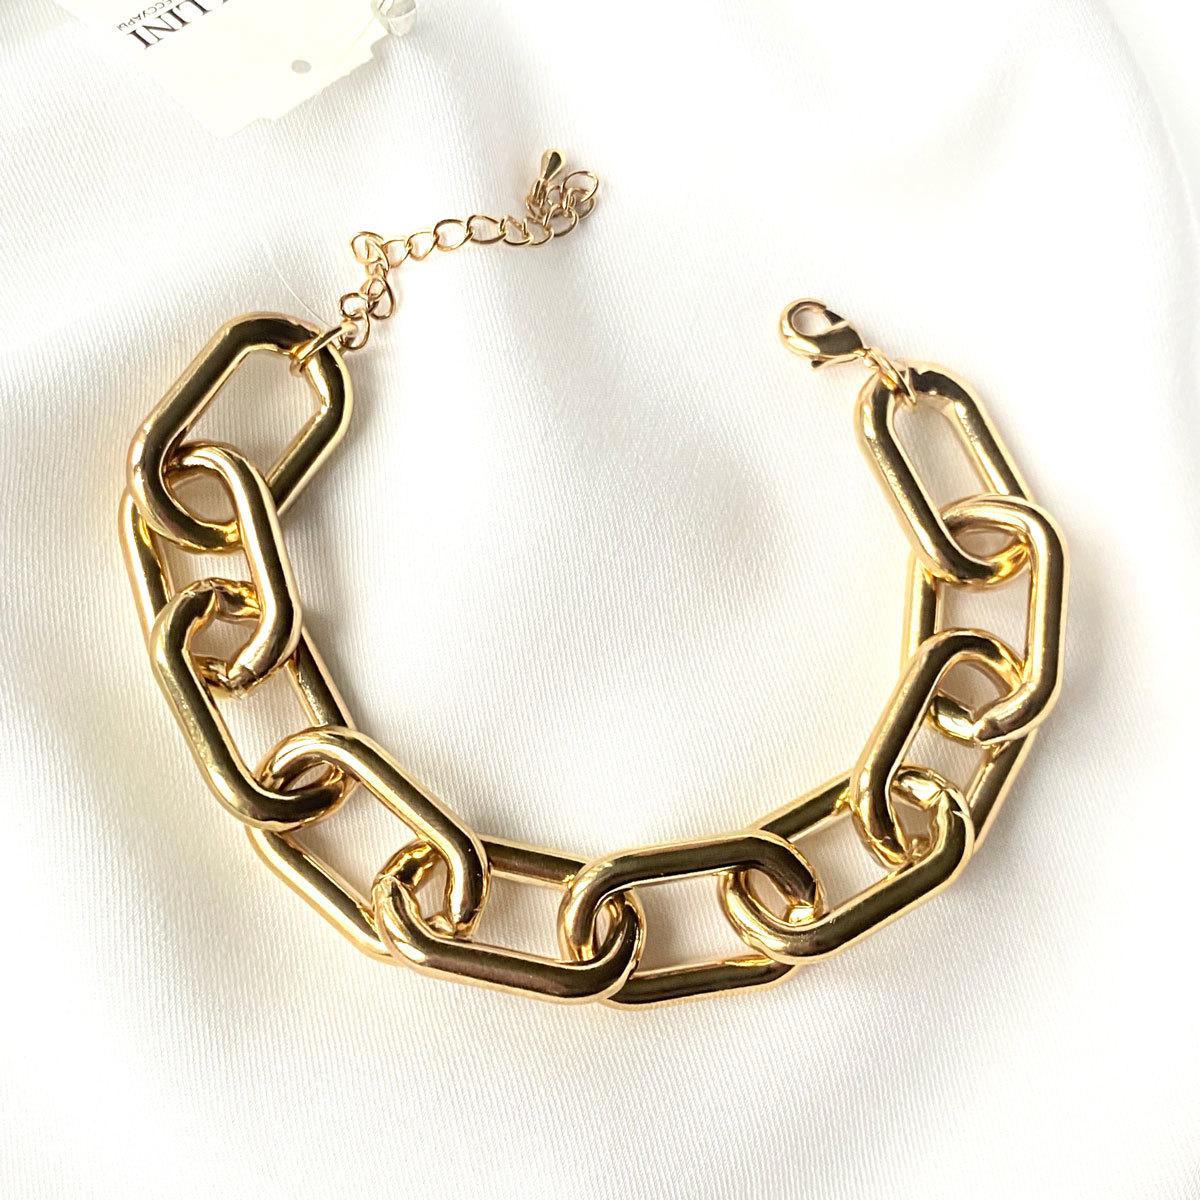 Браслет-цепь с овальными звеньями золотой